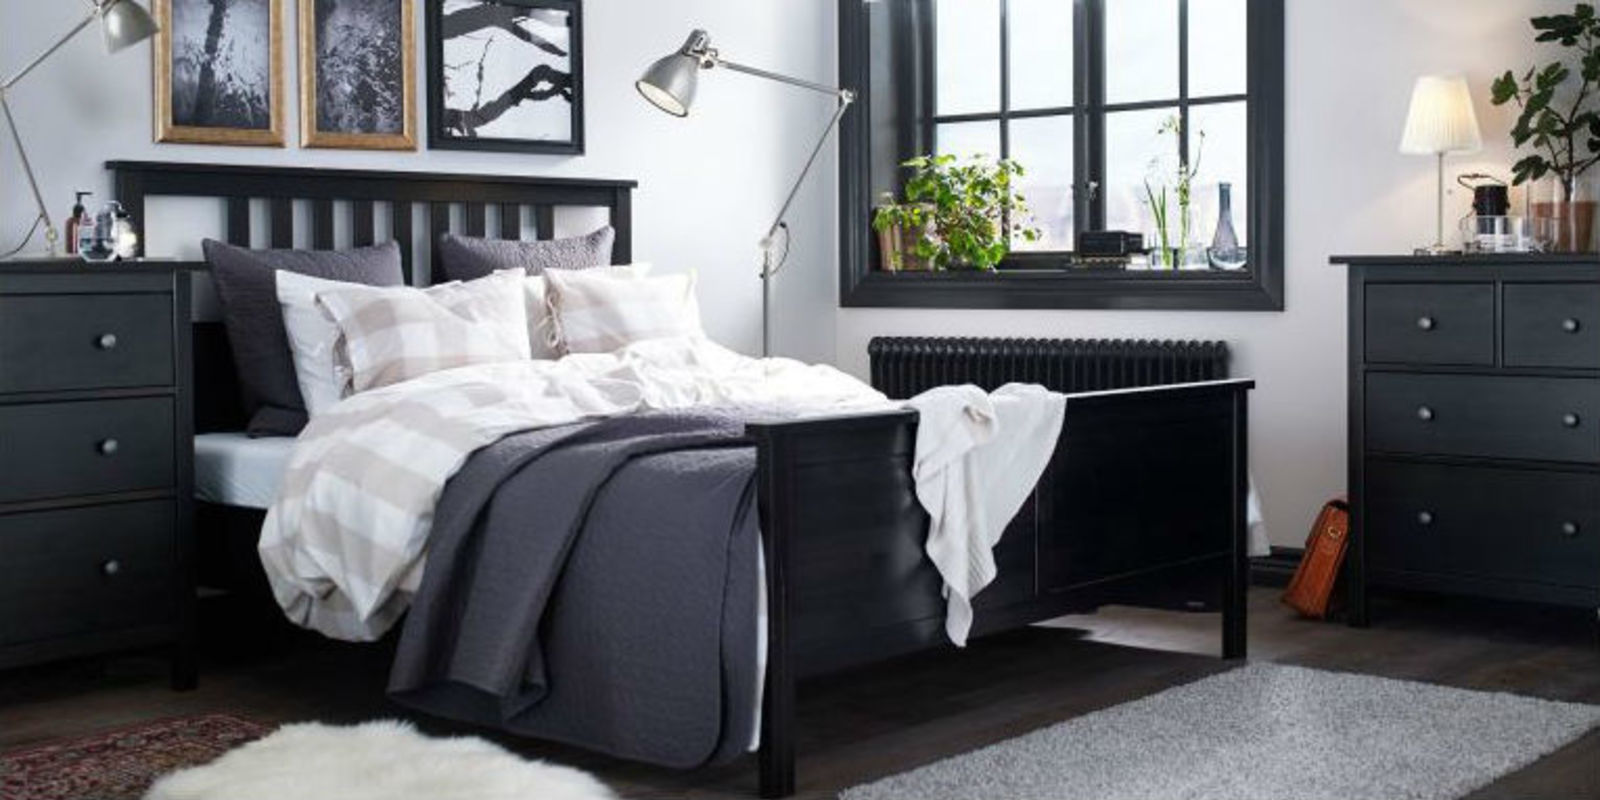 Dit betekenen de namen van je favoriete ikea meubels - Hemnes ikea letto ...